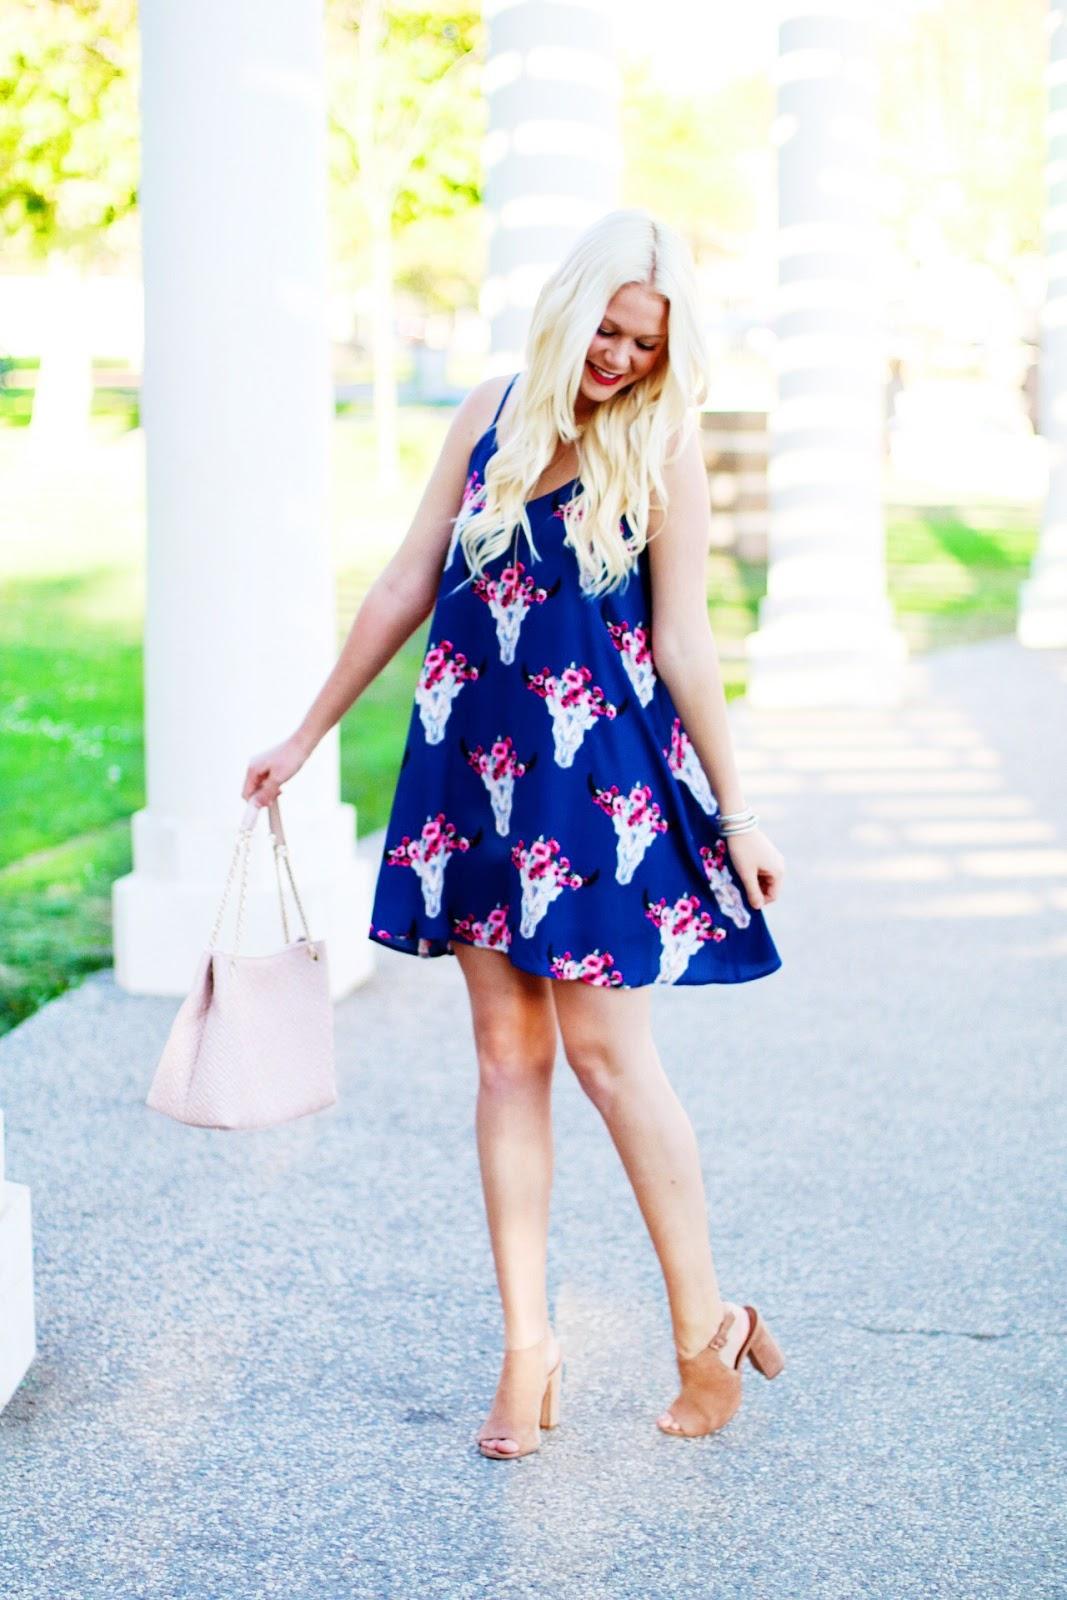 Ella bleu dresses